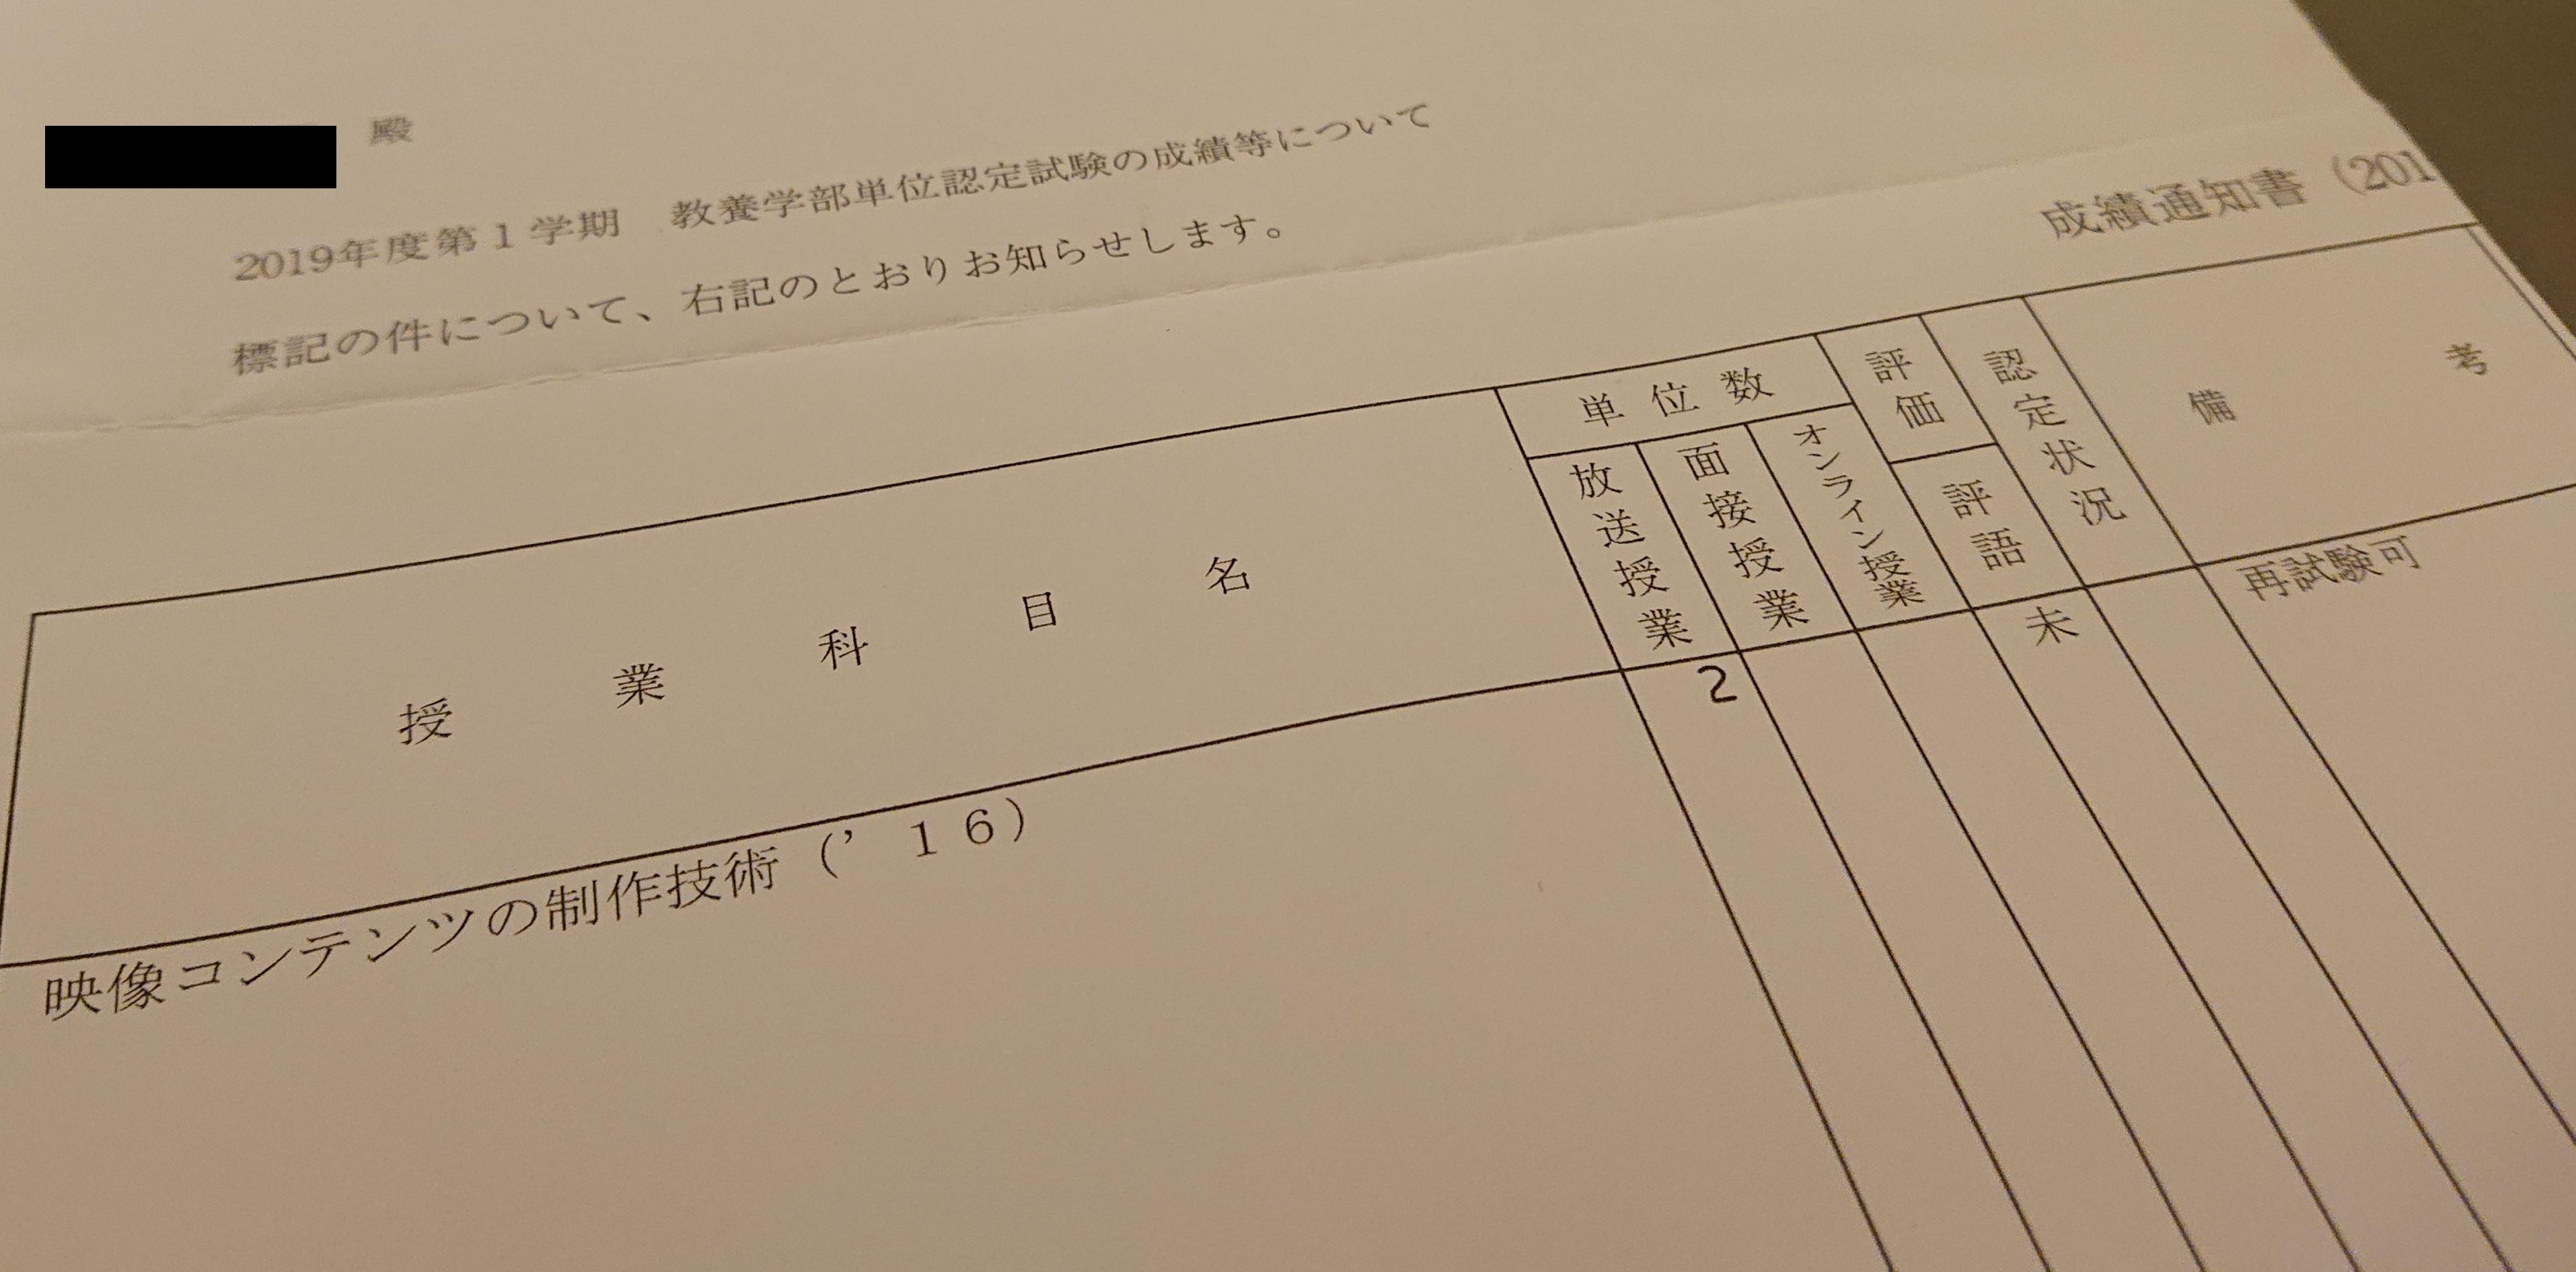 試験 単位 認定 放送 大学